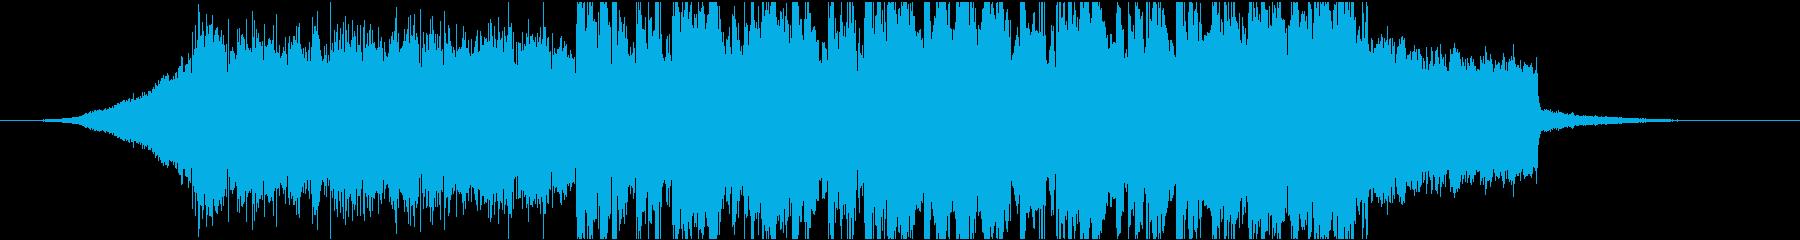 レース、ゲーム向けのデジタルロックの再生済みの波形